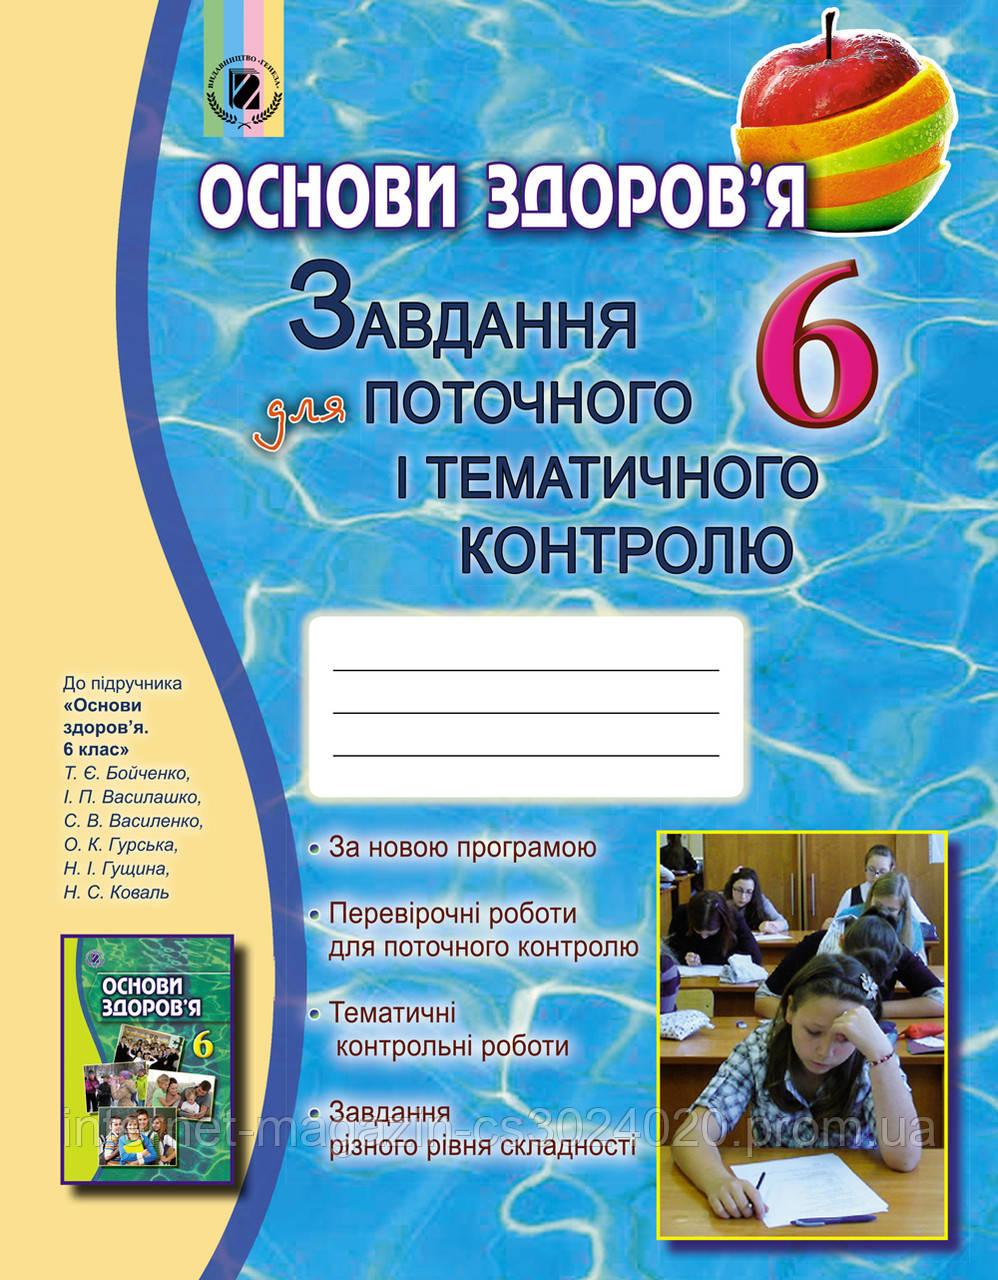 Основи здоров'я 6 клас. Завдання для поточного і тематичного контролю. Бойченко Т. Є.